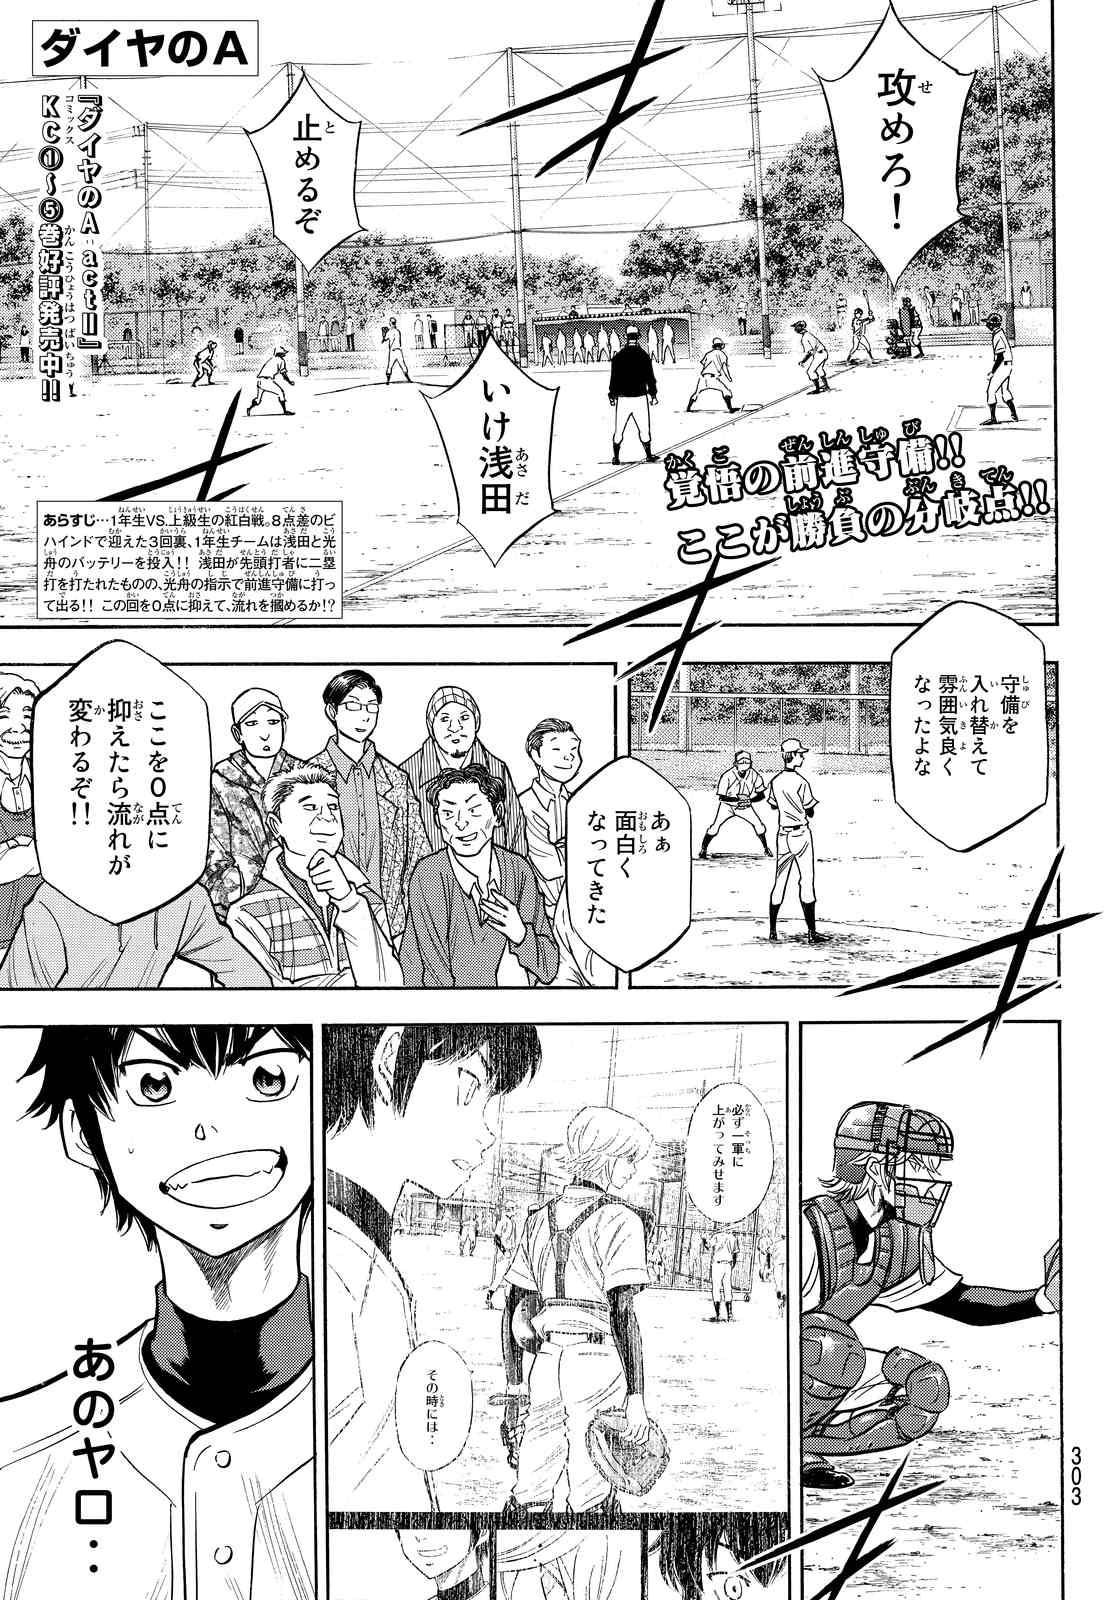 Daiya no A Act II - Chapter 056 - Page 1